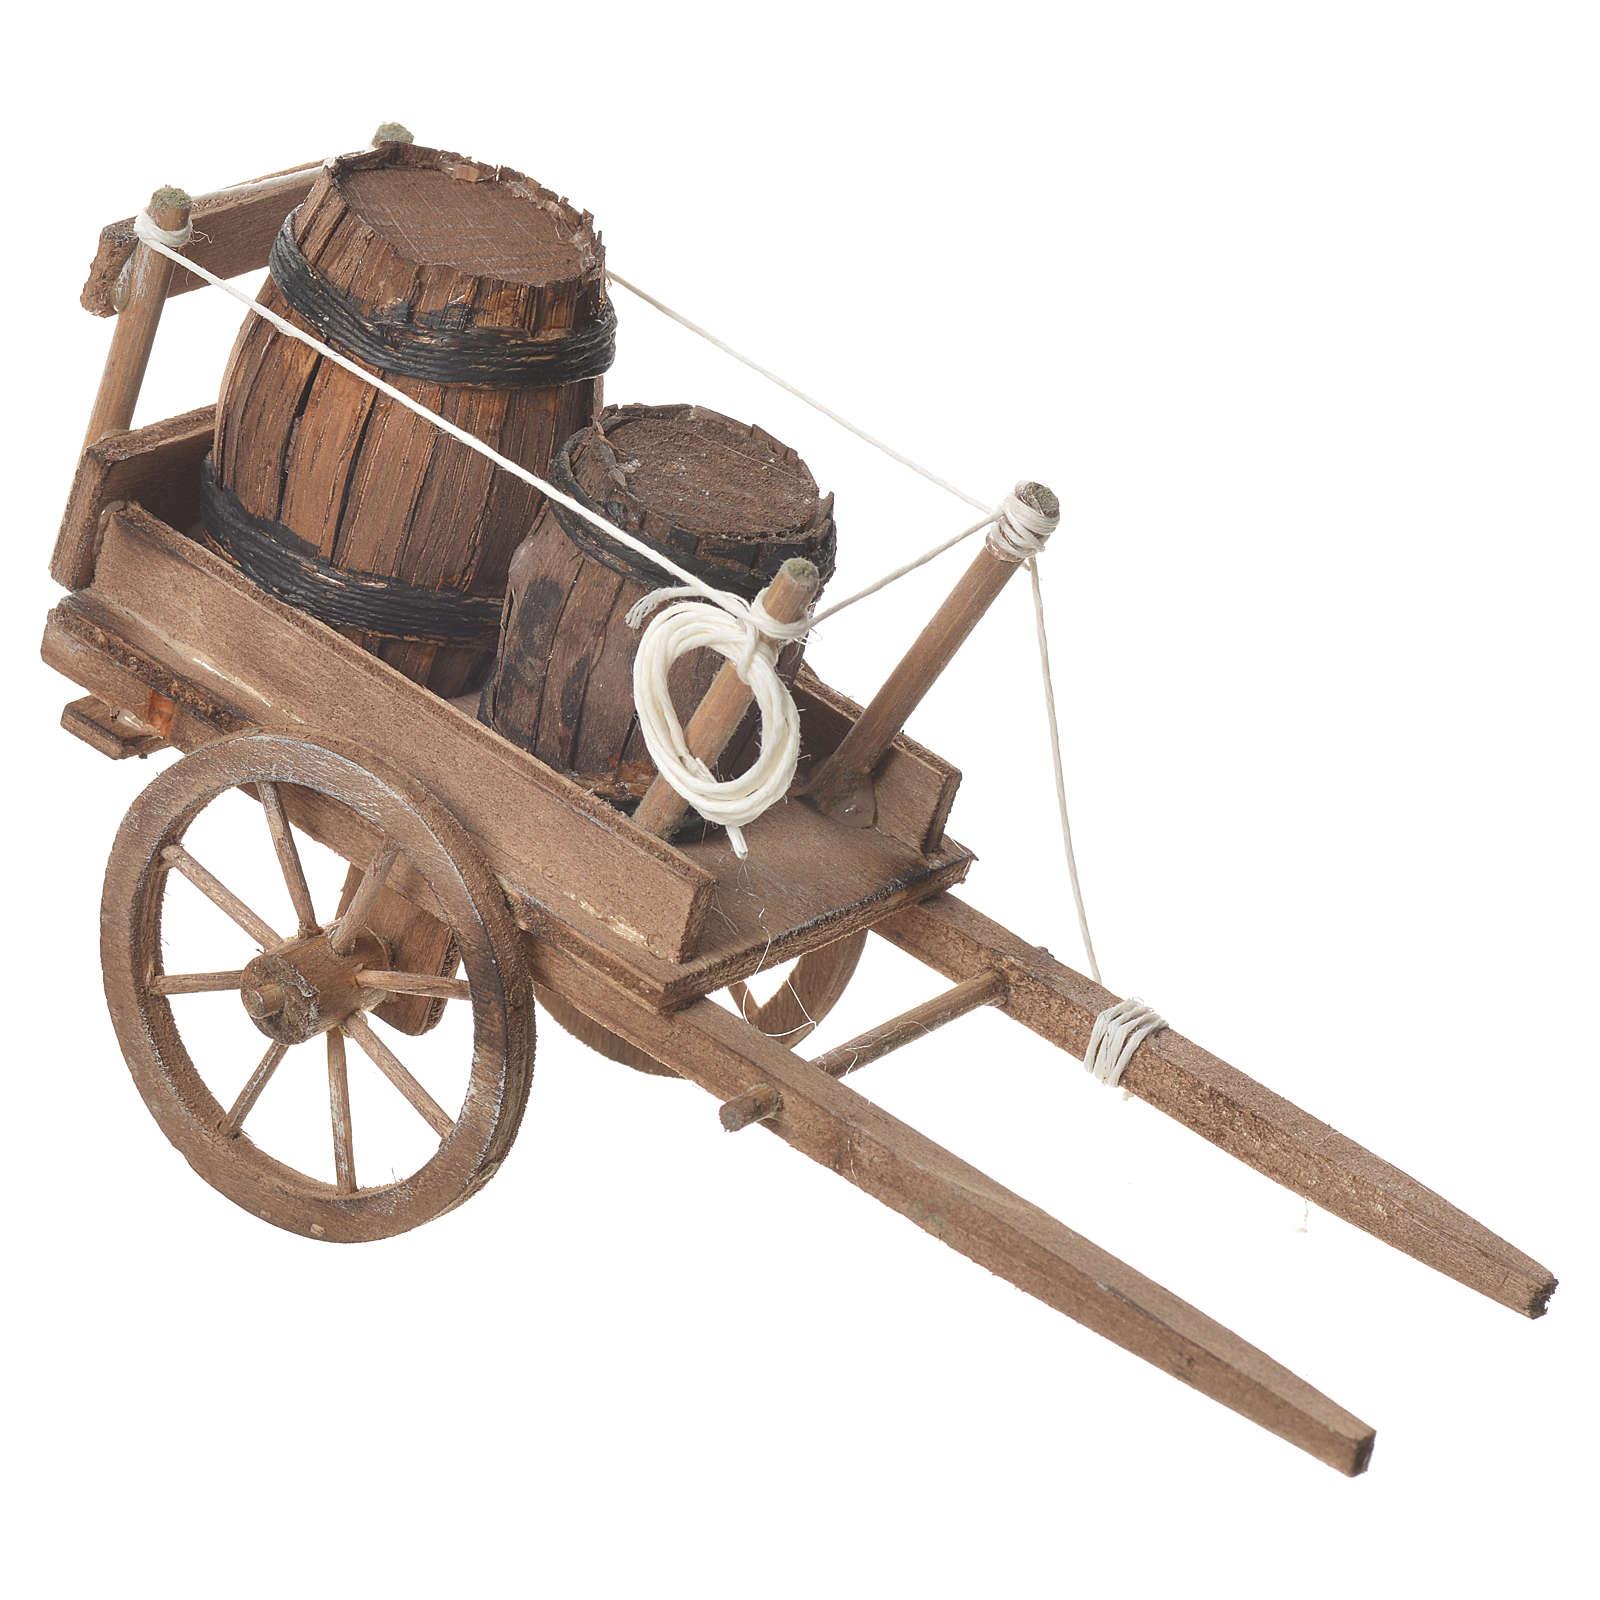 Wóz z beczkami szopka neapolitańska 18x6 cm 4